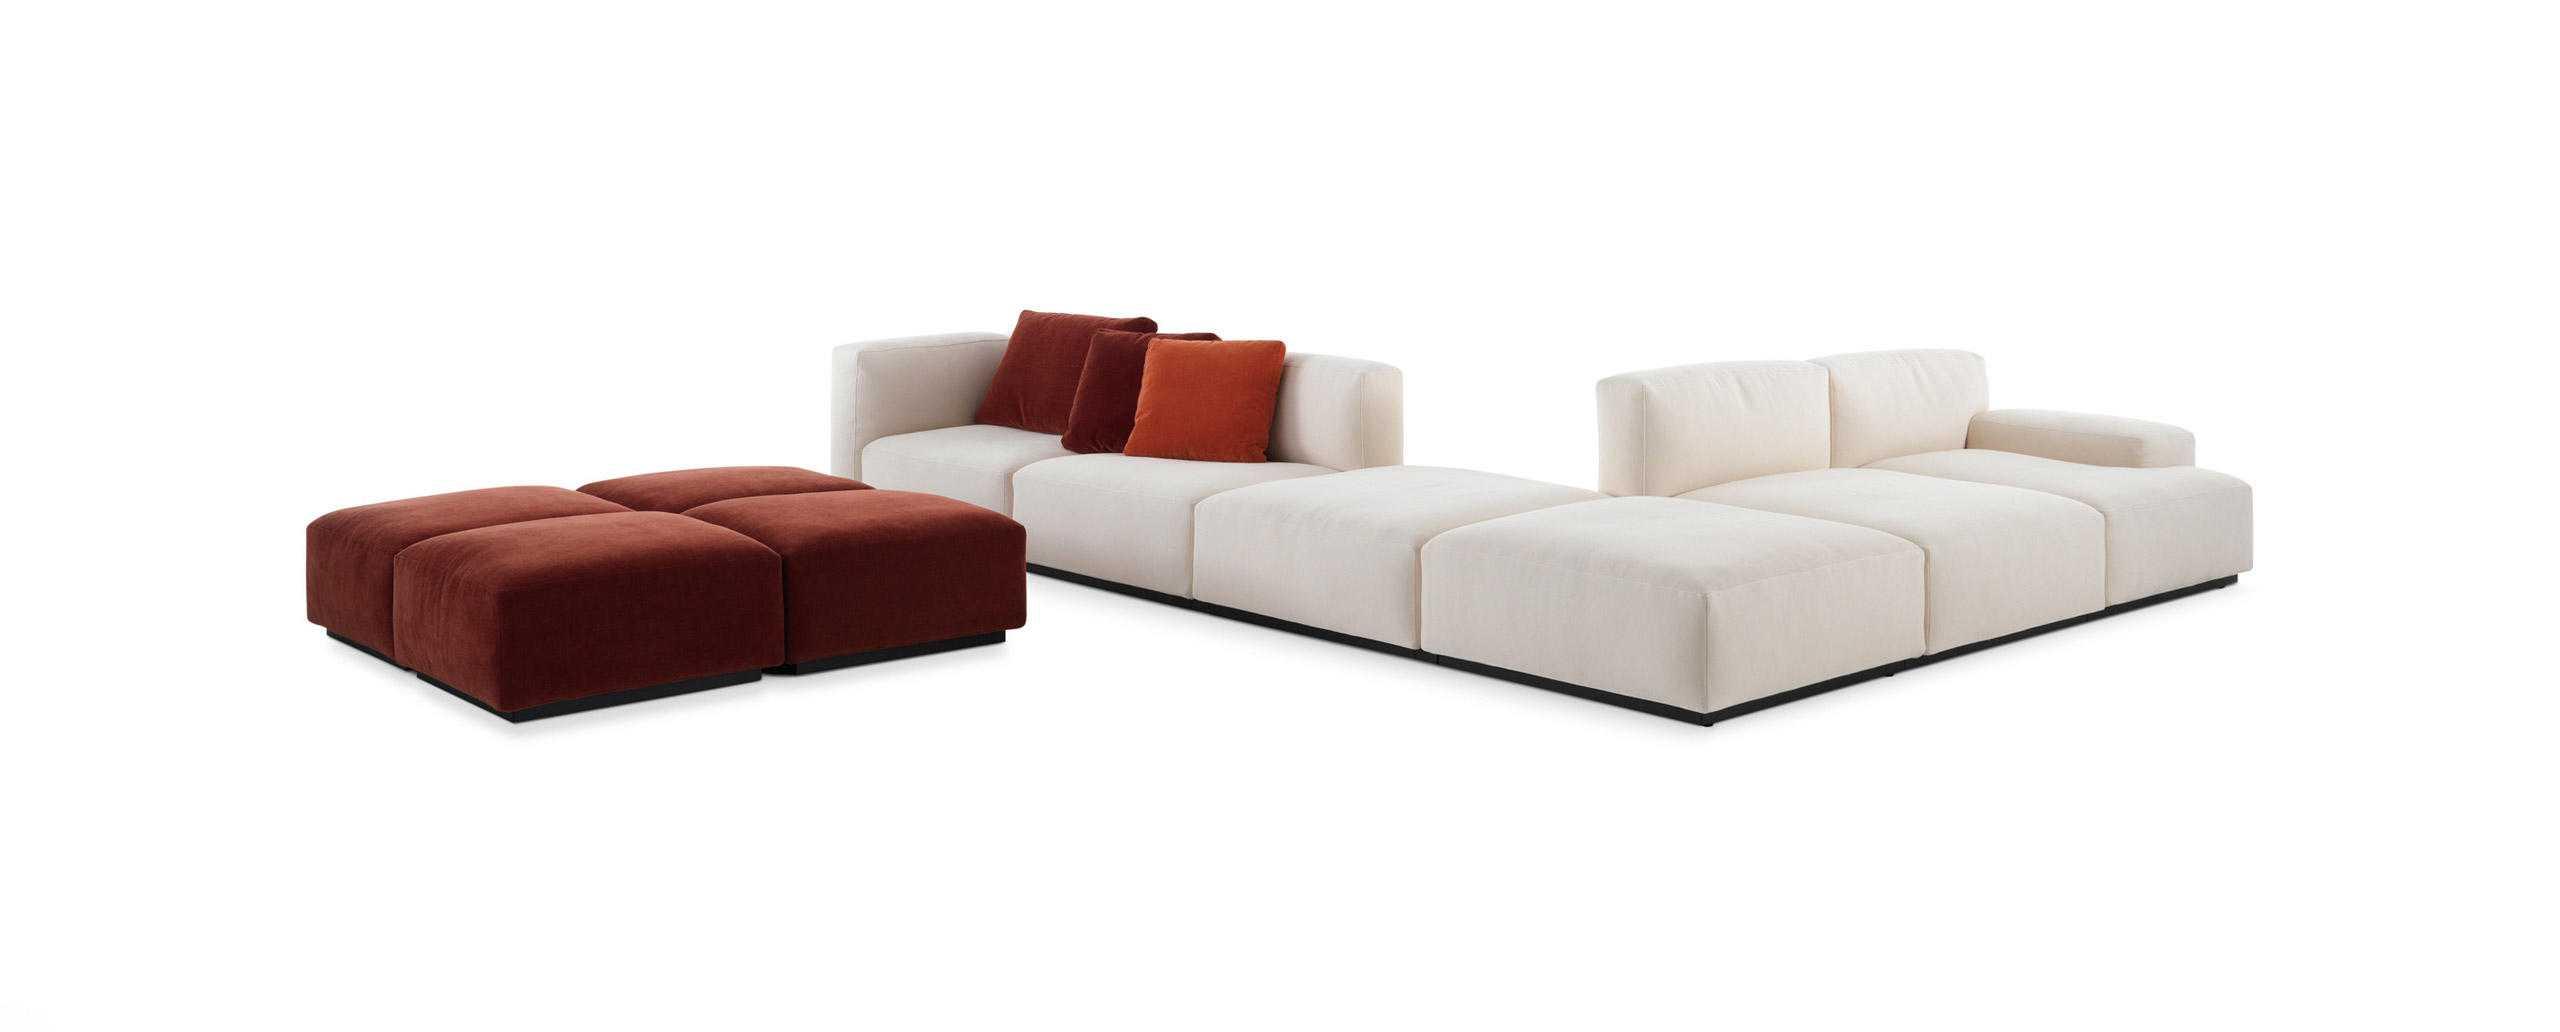 sofa nhập khẩu Itali trắng